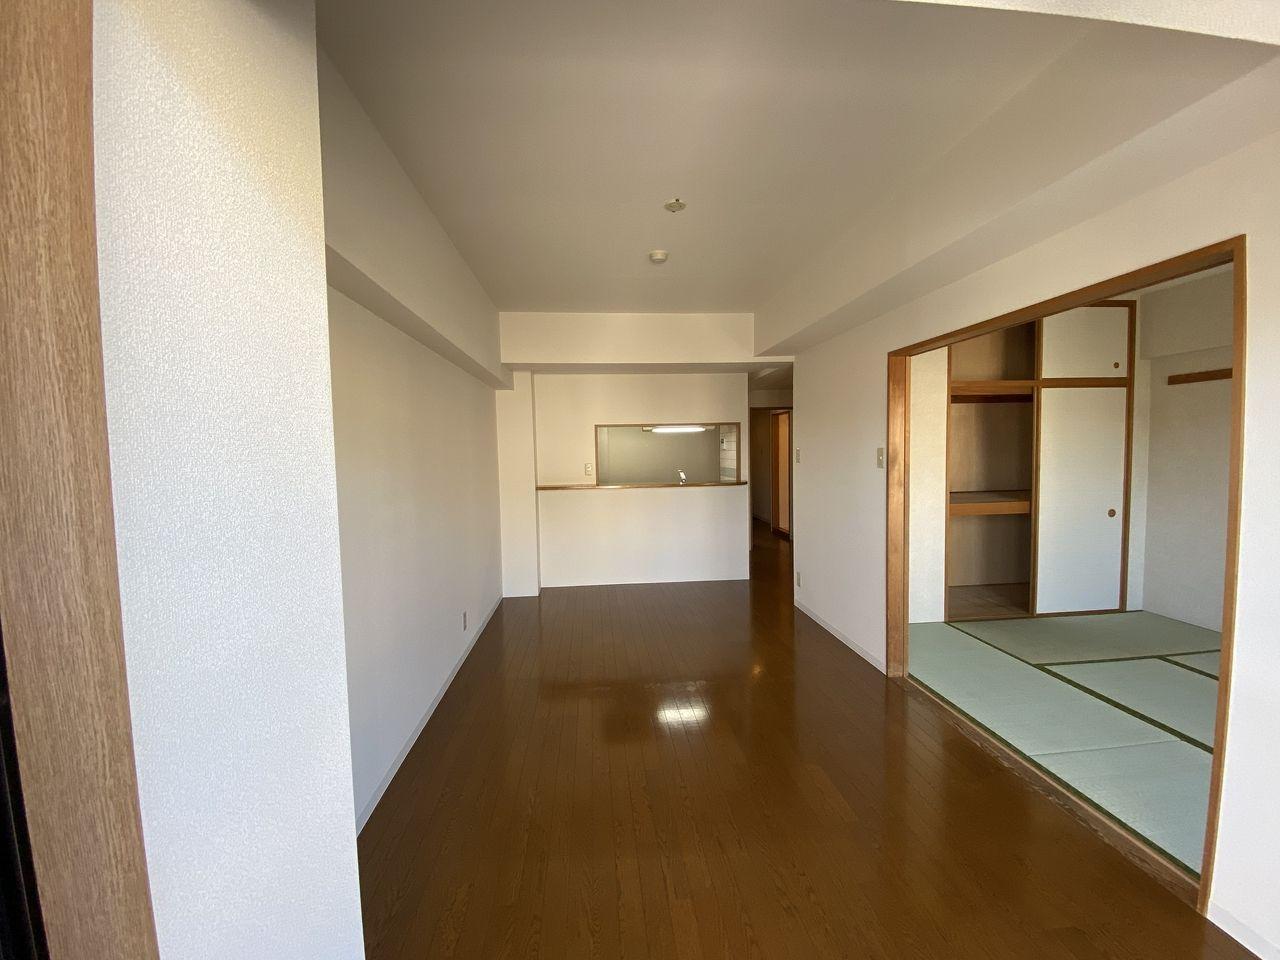 横浜市青葉区美しが丘4-22-5・「アドバンスヴィラ」201号室・カウンター・キッチン方向